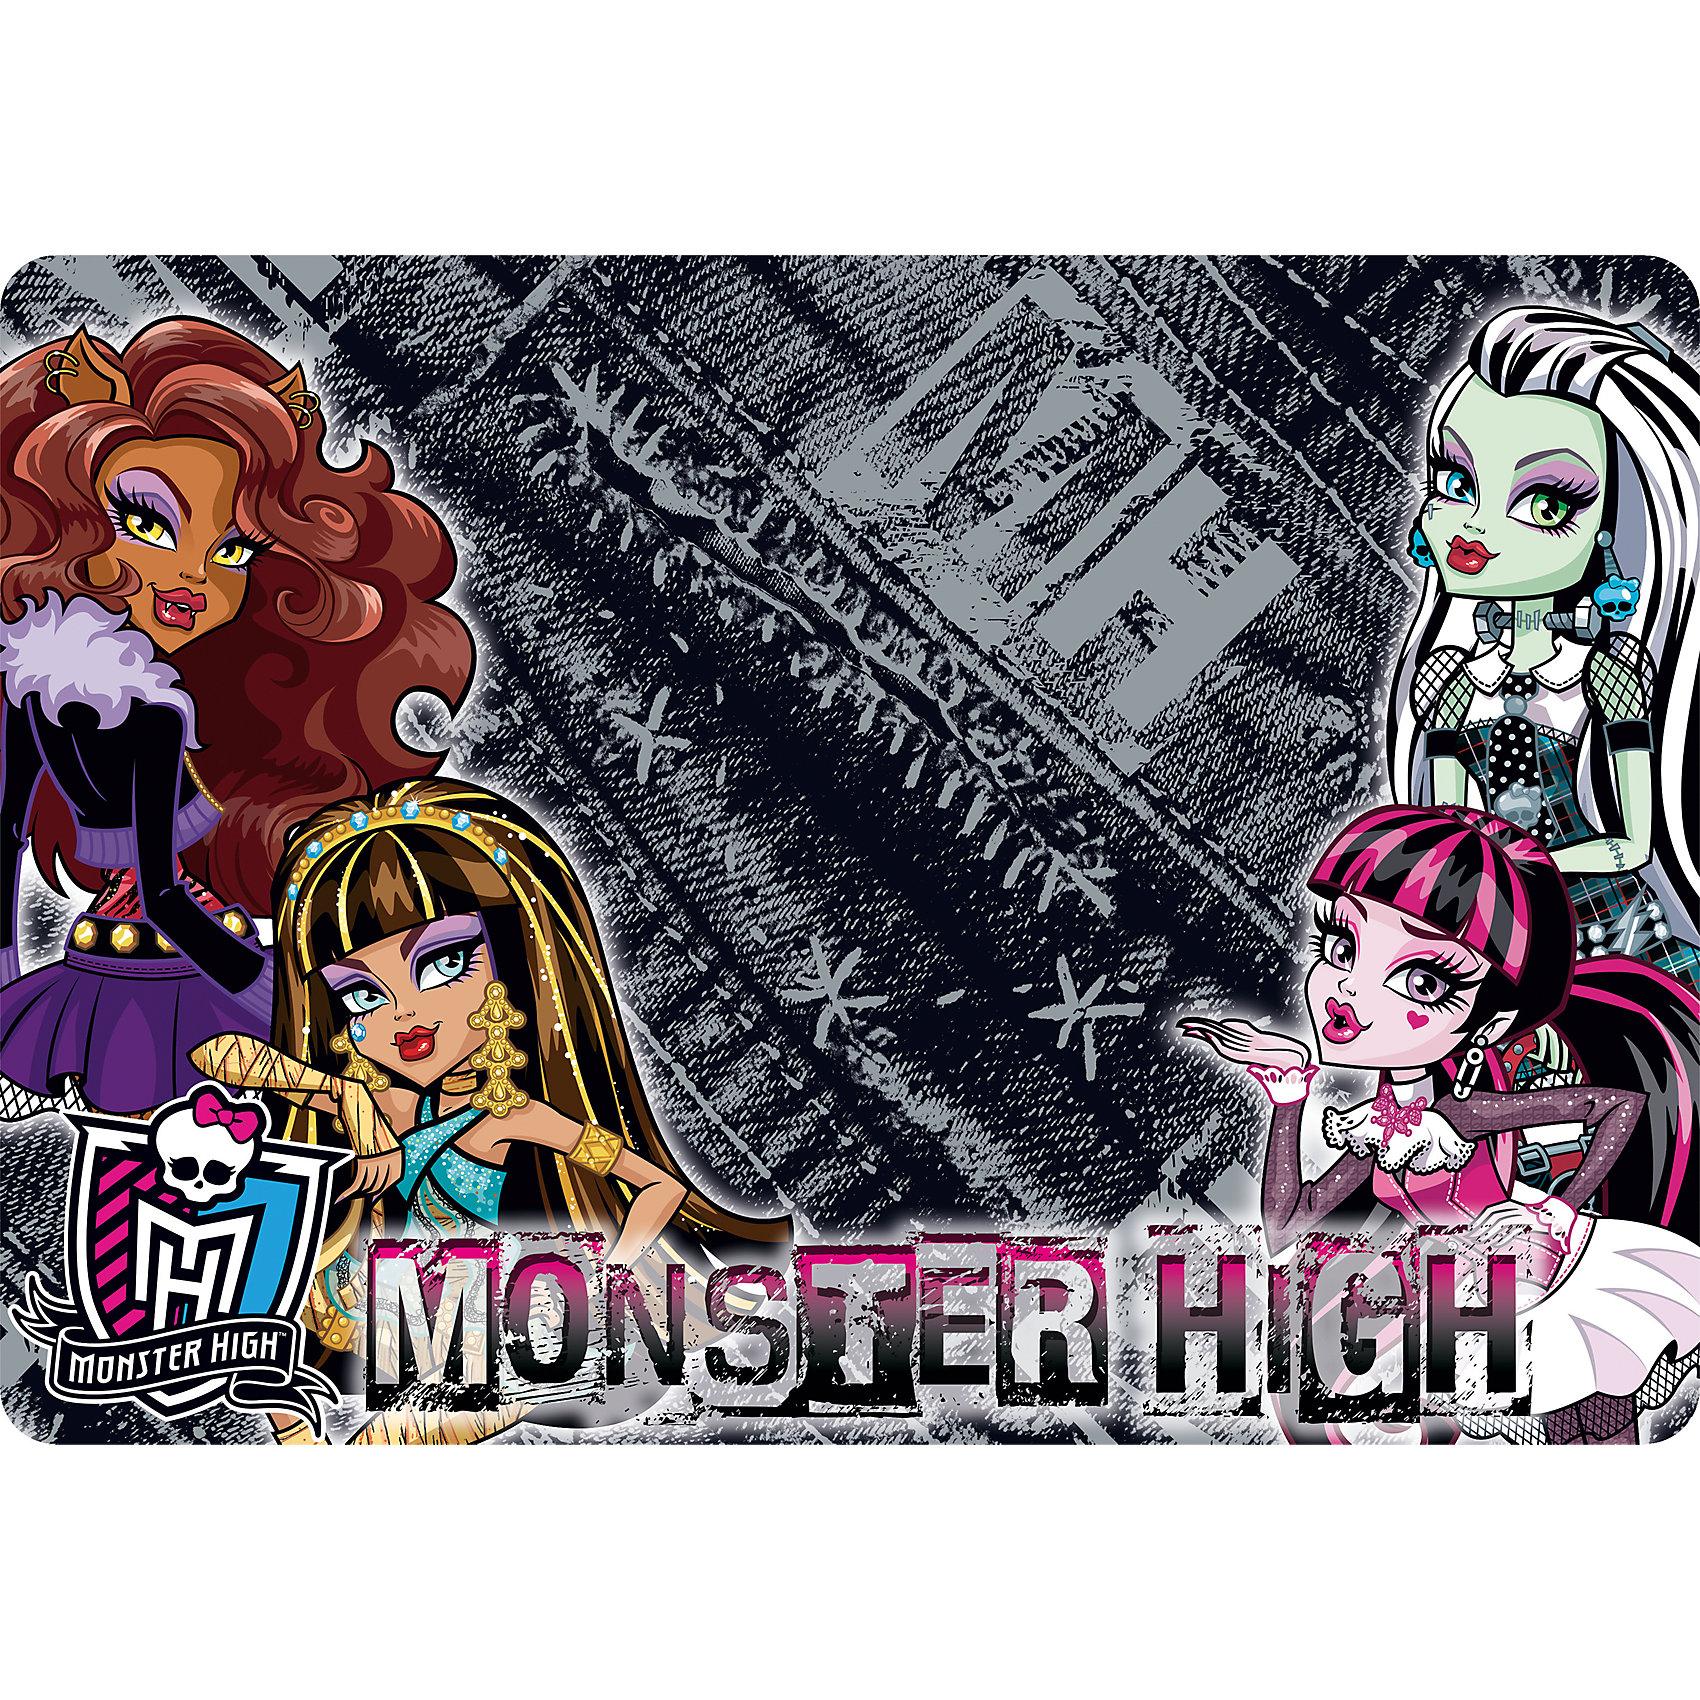 Подкладка А4 Monster High для лепки и рисованияАксессуары<br>Подкладка на стол для лепки и рисования А4 формата. Используется как покрытие на стол, предохраняет поверхность рабочего стола от различных повреждений и загрязнений.<br><br>Дополнительная информация:<br><br>Размер: 21 х 30 см.<br><br>Подкладку А4 Monster High (Школа Монстров) для лепки и рисования можно купить в нашем магазине.<br><br>Ширина мм: 210<br>Глубина мм: 300<br>Высота мм: 2<br>Вес г: 40<br>Возраст от месяцев: 36<br>Возраст до месяцев: 144<br>Пол: Женский<br>Возраст: Детский<br>SKU: 4177201